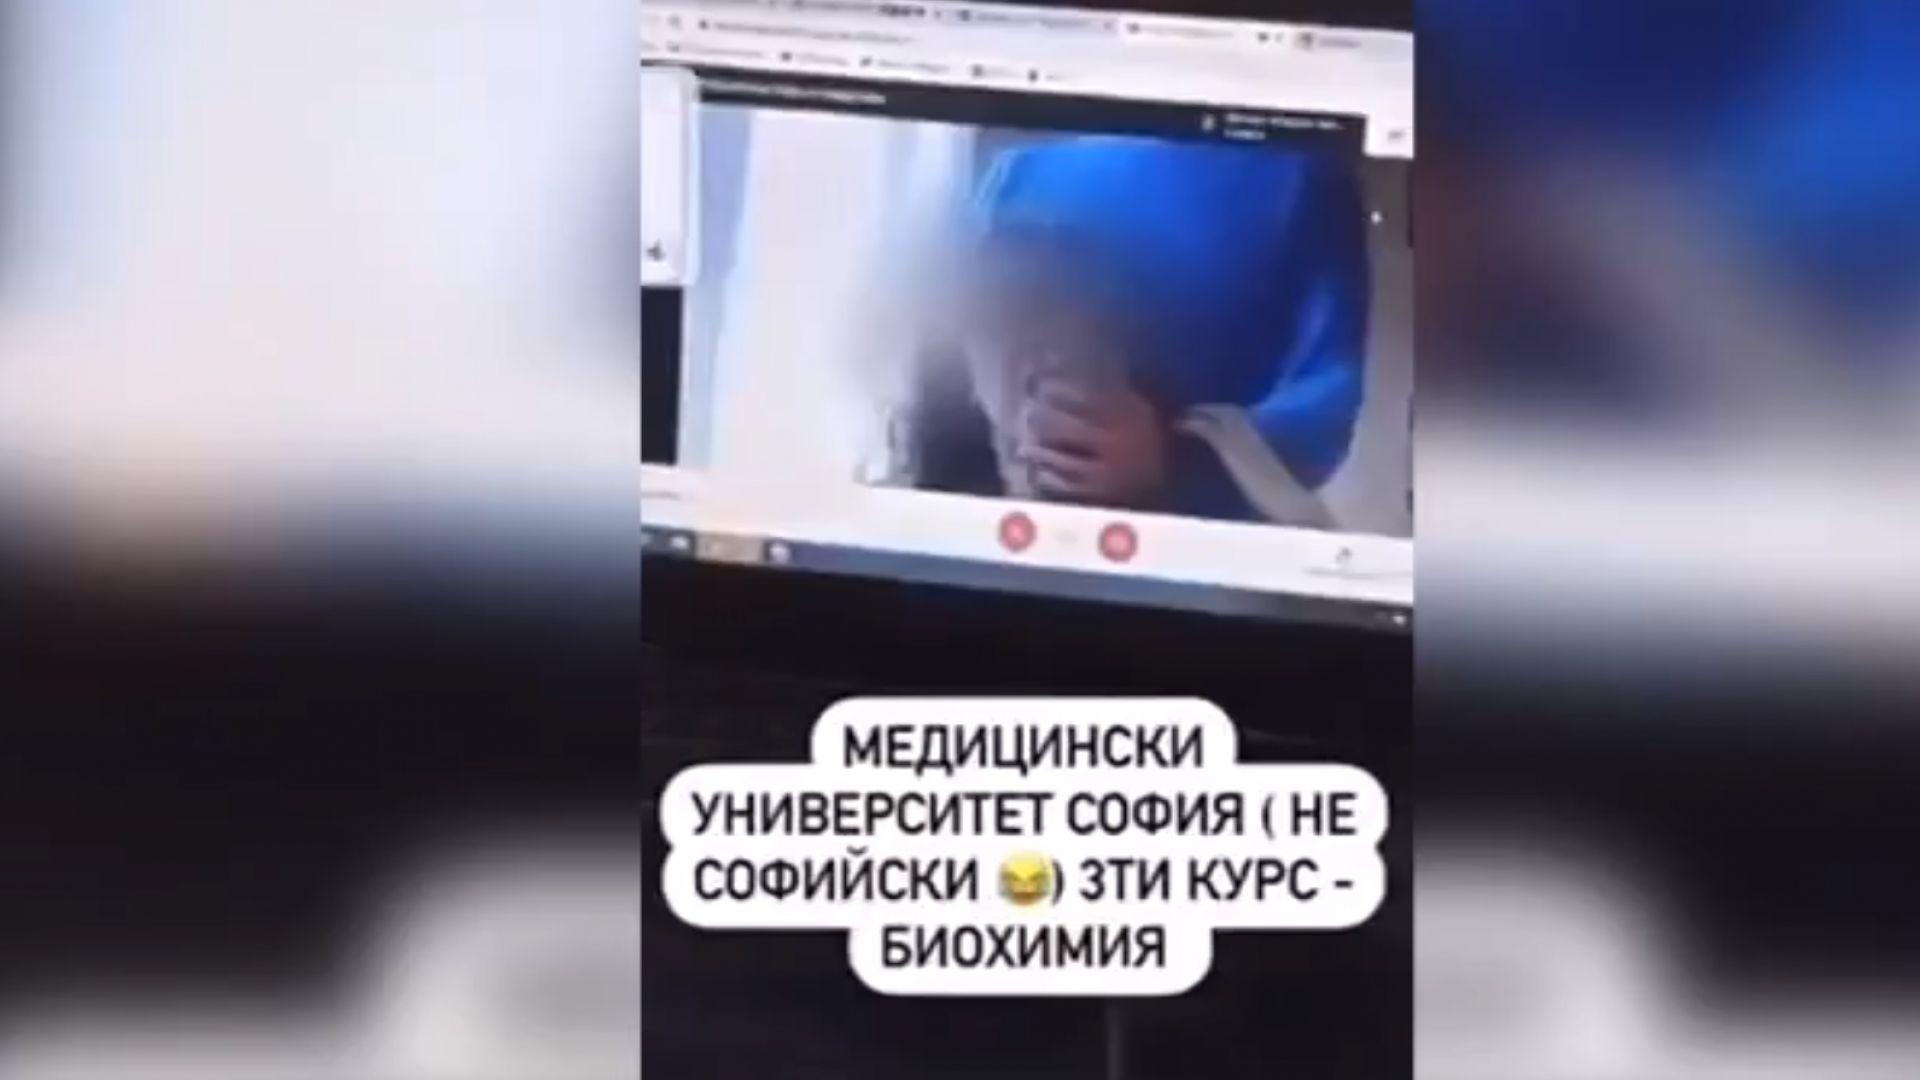 Еротичен скандал с преподавател от Медицинския университет (видео)